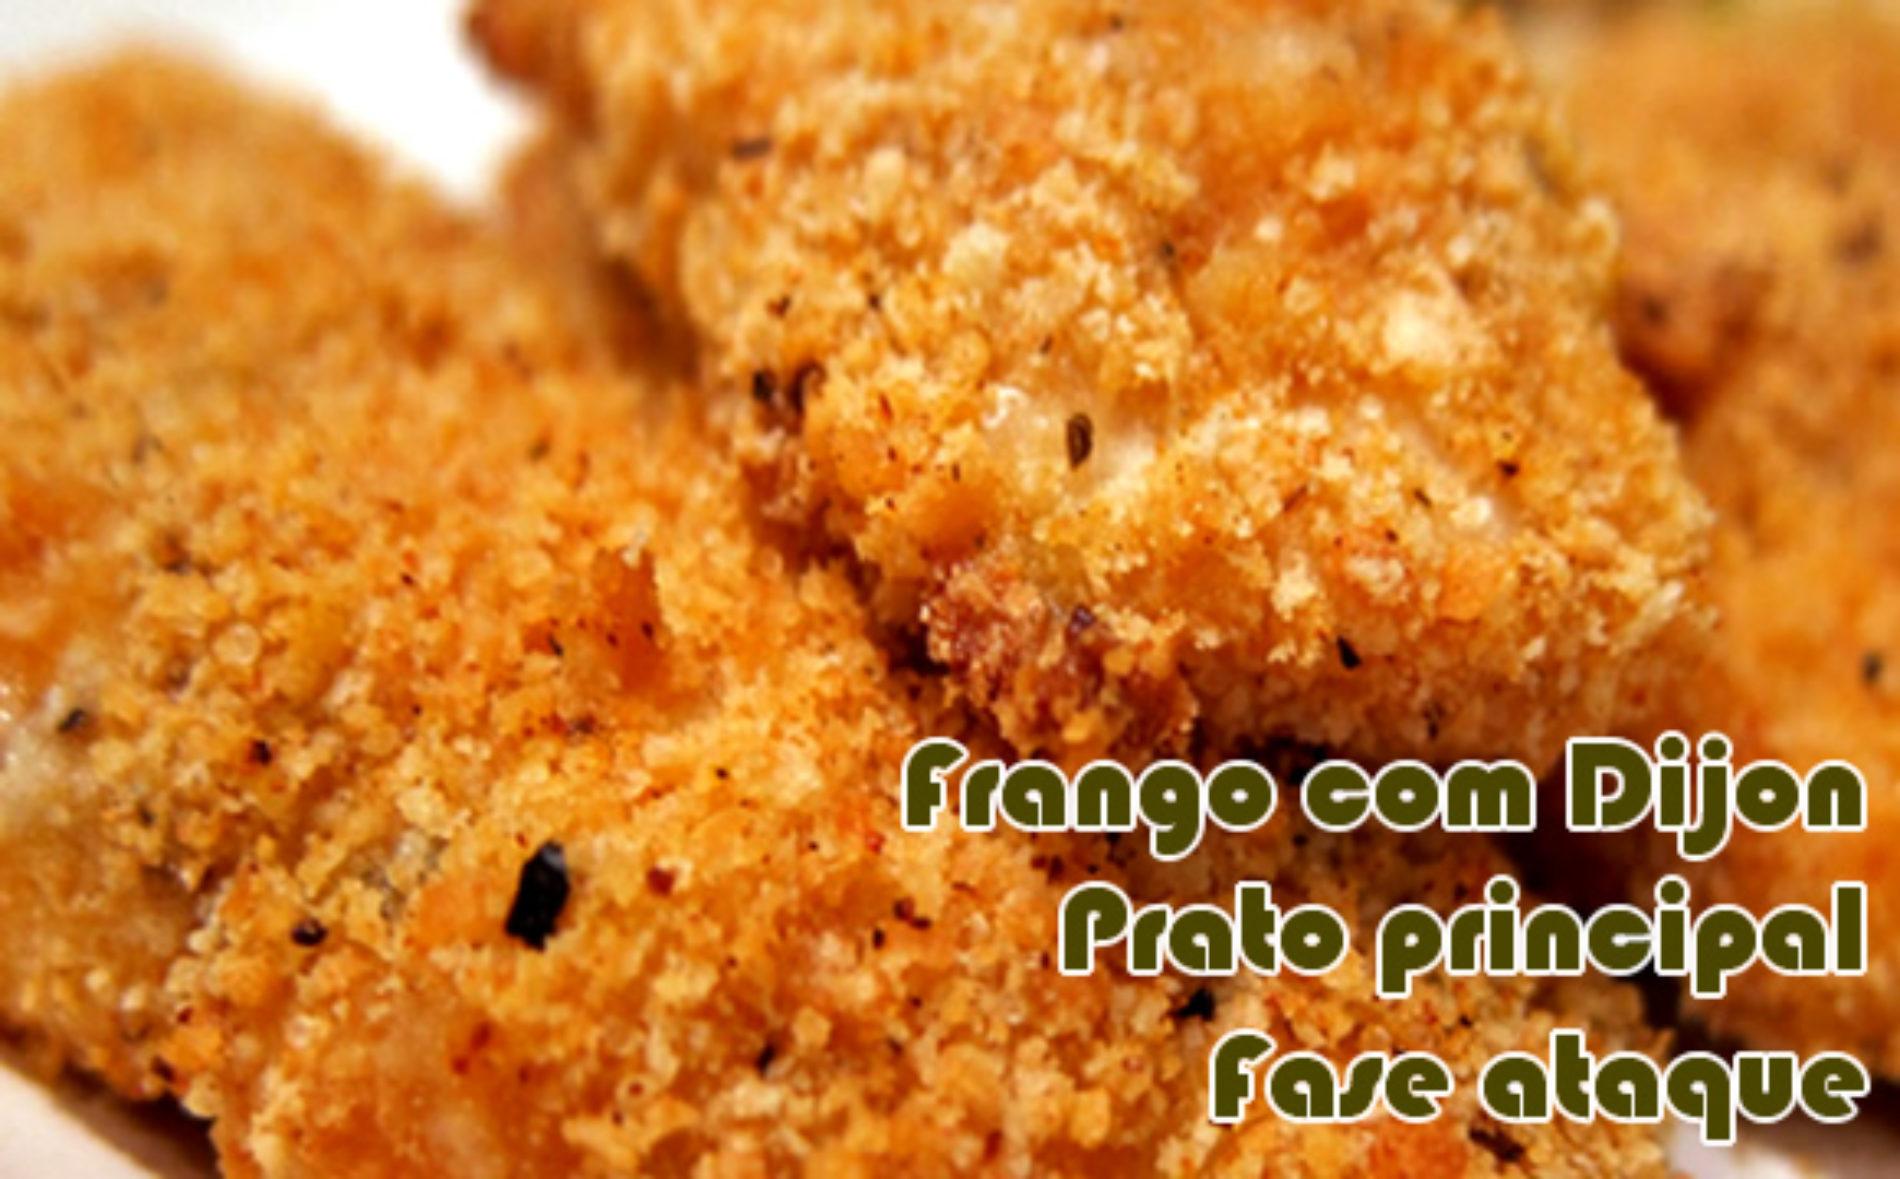 Frango com mostarda Dijon